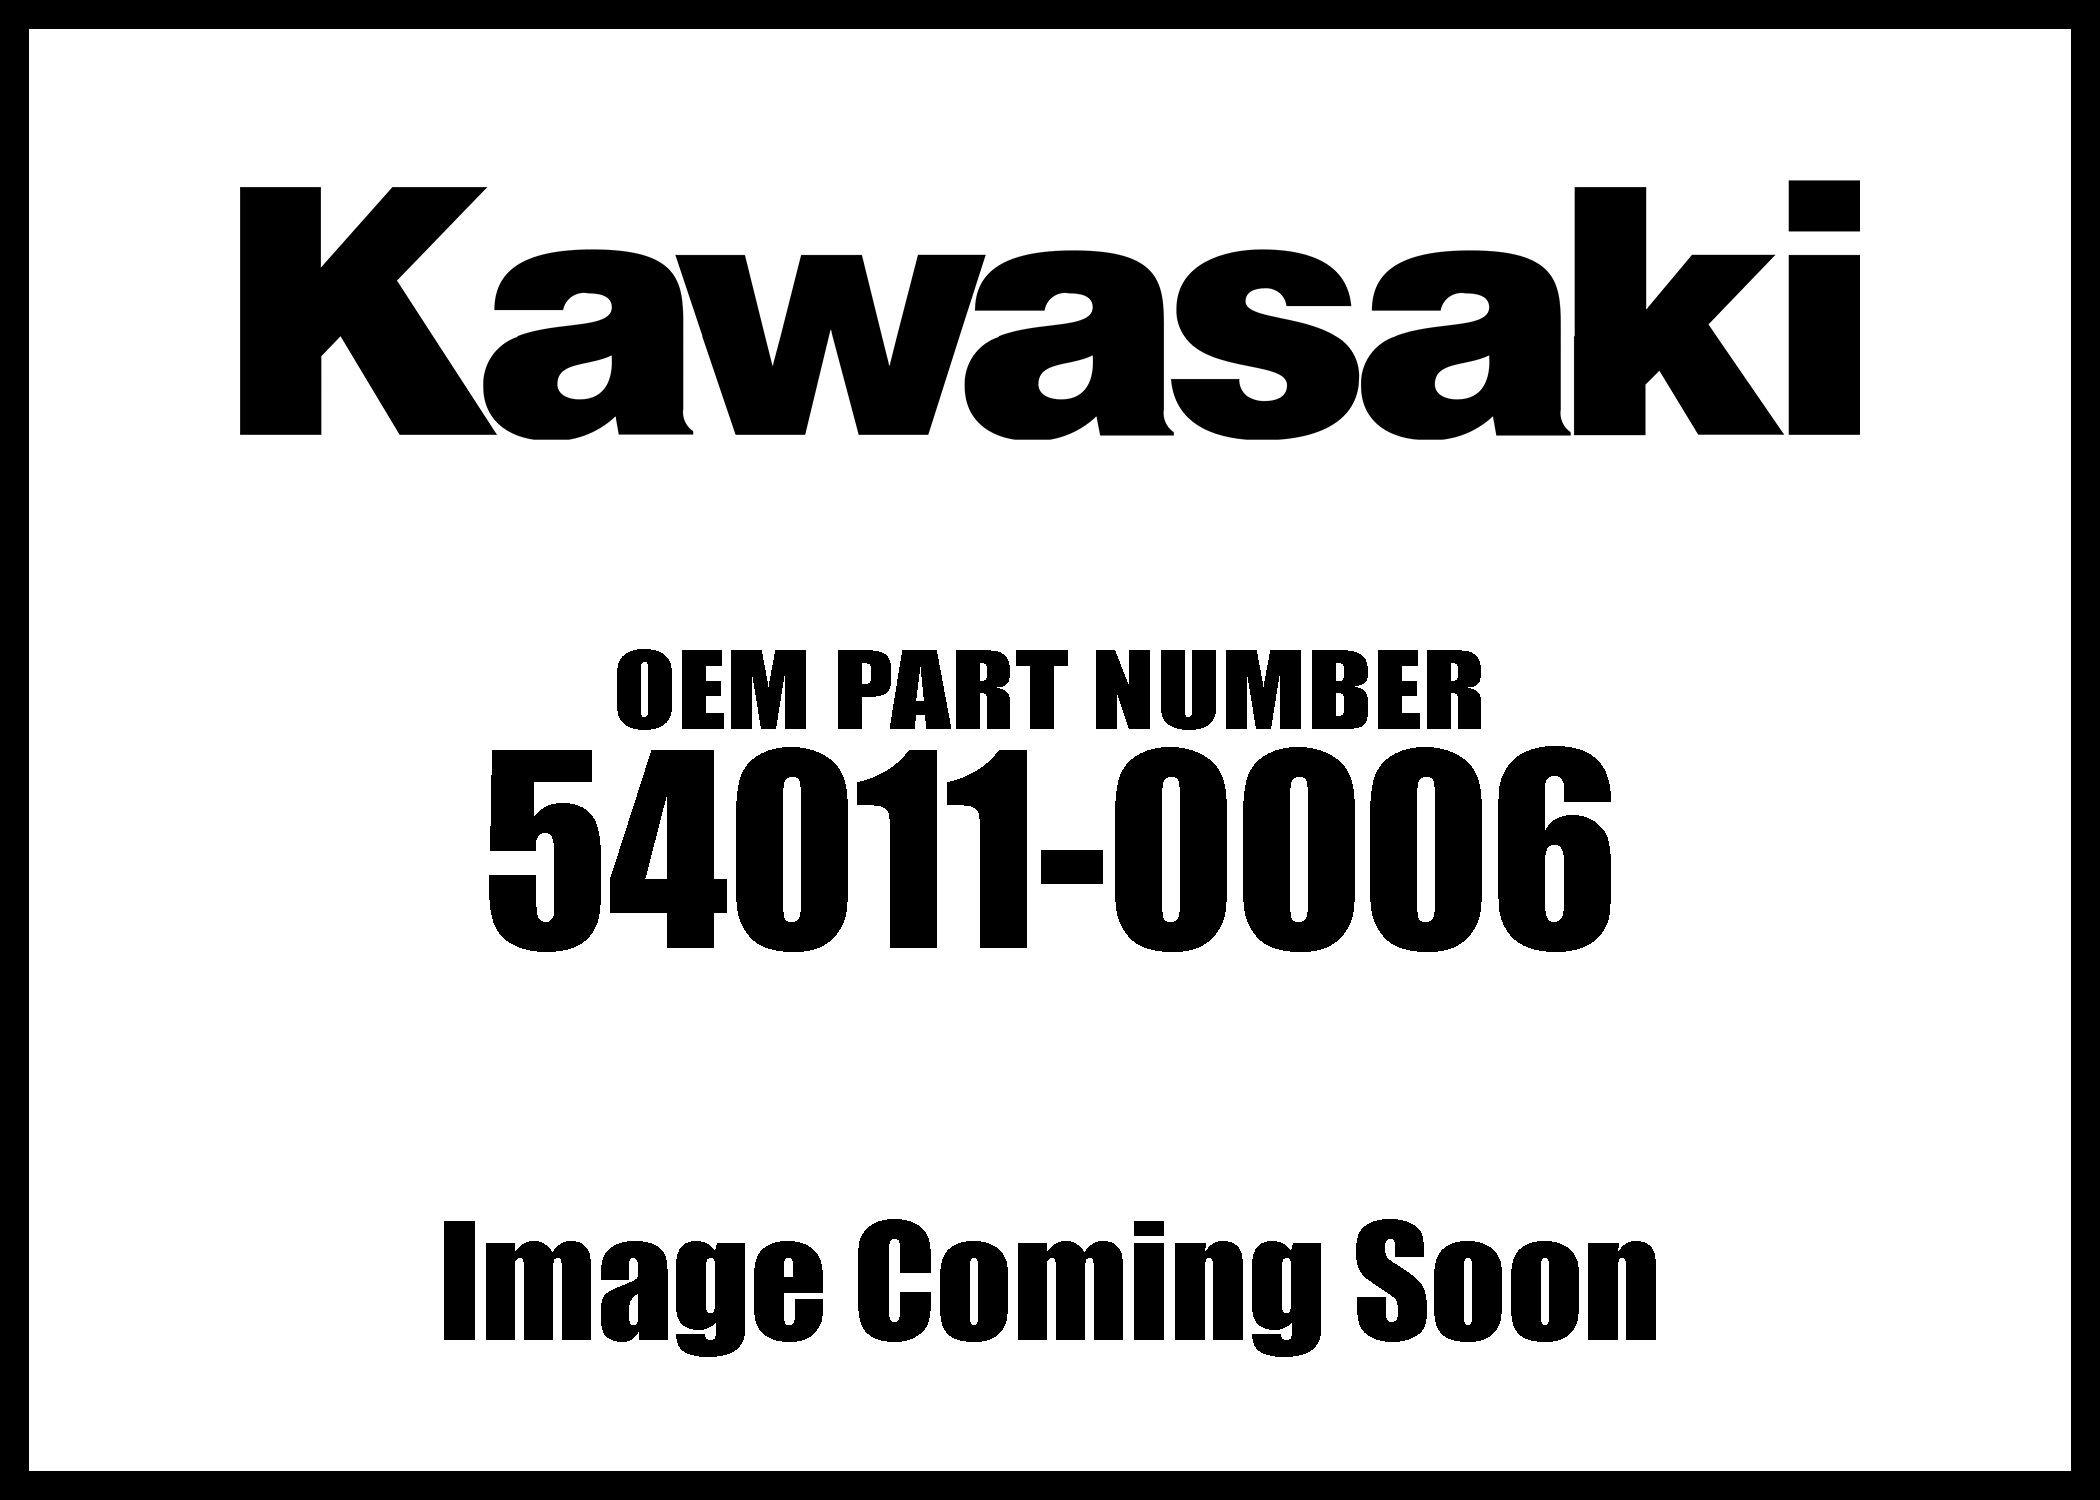 Kawasaki 1985-2006 Vulcan 700 Vulcan 750 Clutch Cable 54011-0006 New Oem by Kawasaki (Image #1)